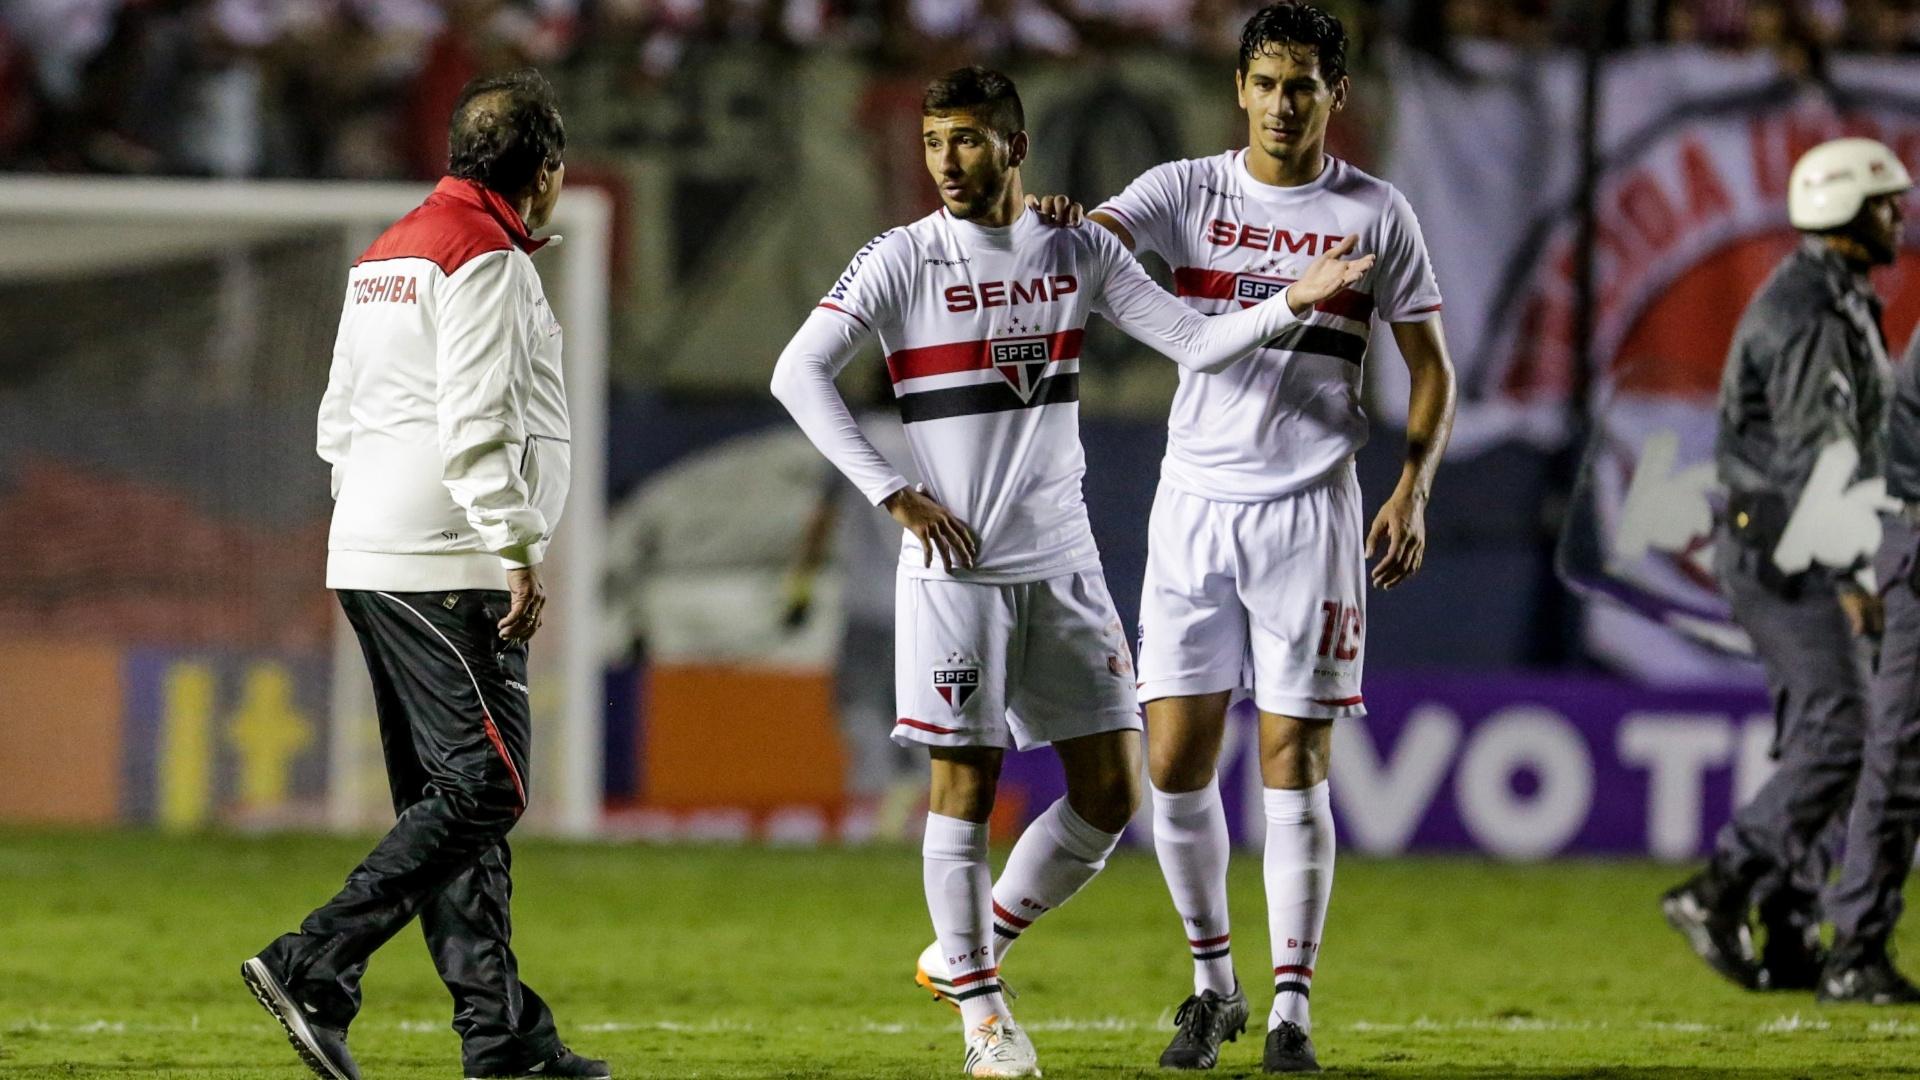 Muricy dá bronca em Boschilia e Ganso intervém após o empate entre São Paulo e Corinthians